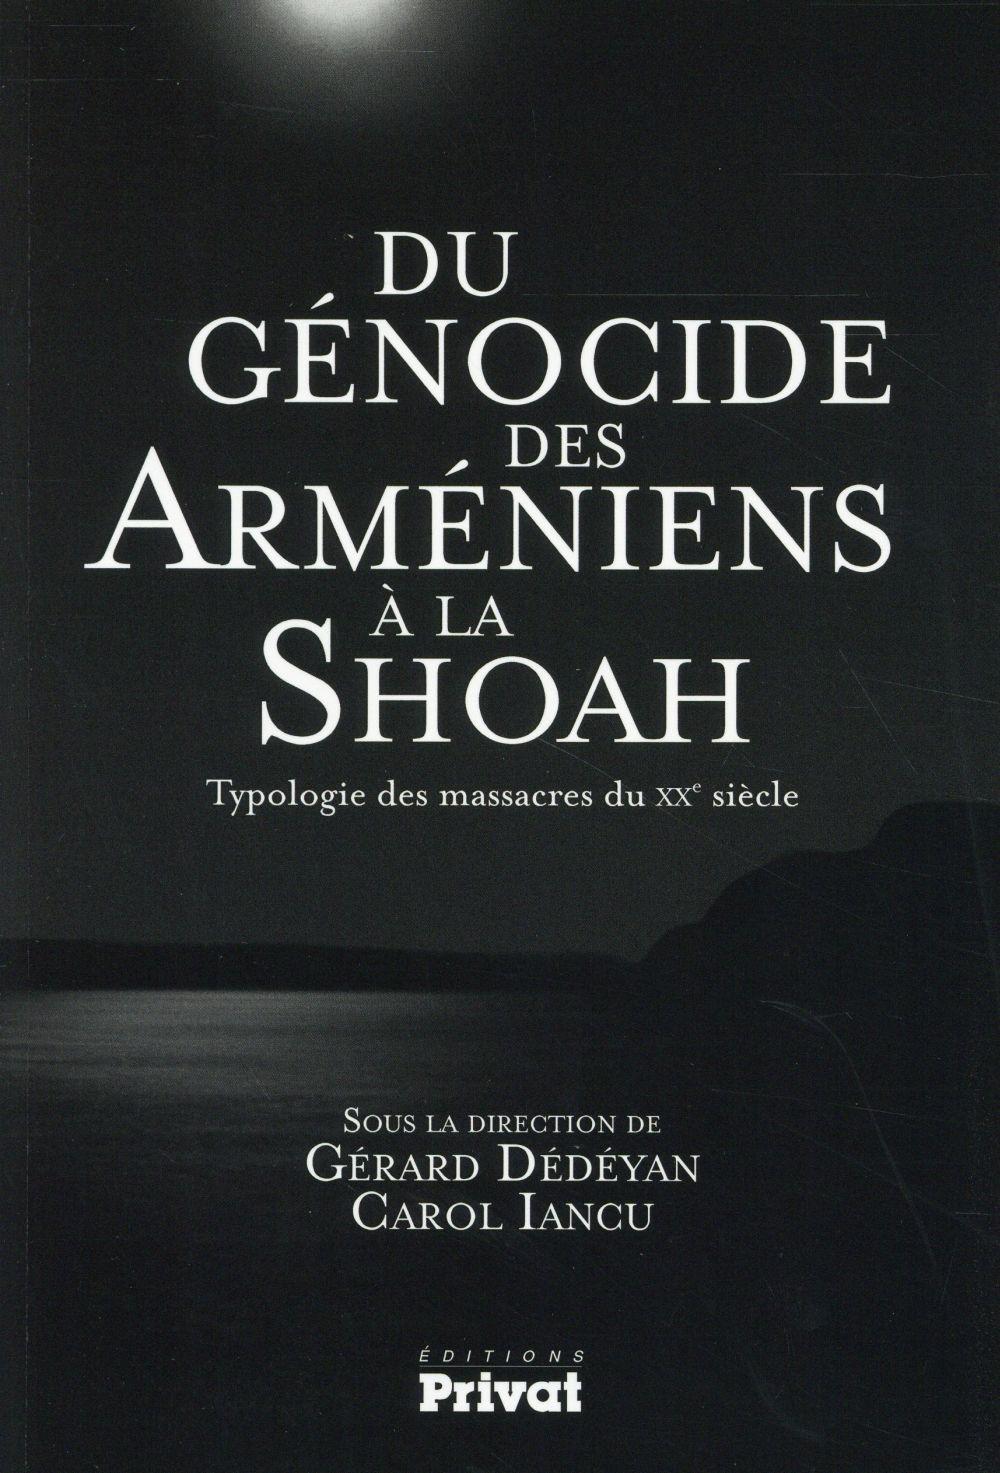 Du génocide des Arméniens à la Shoah ; typologie des massacres du XXe siècle